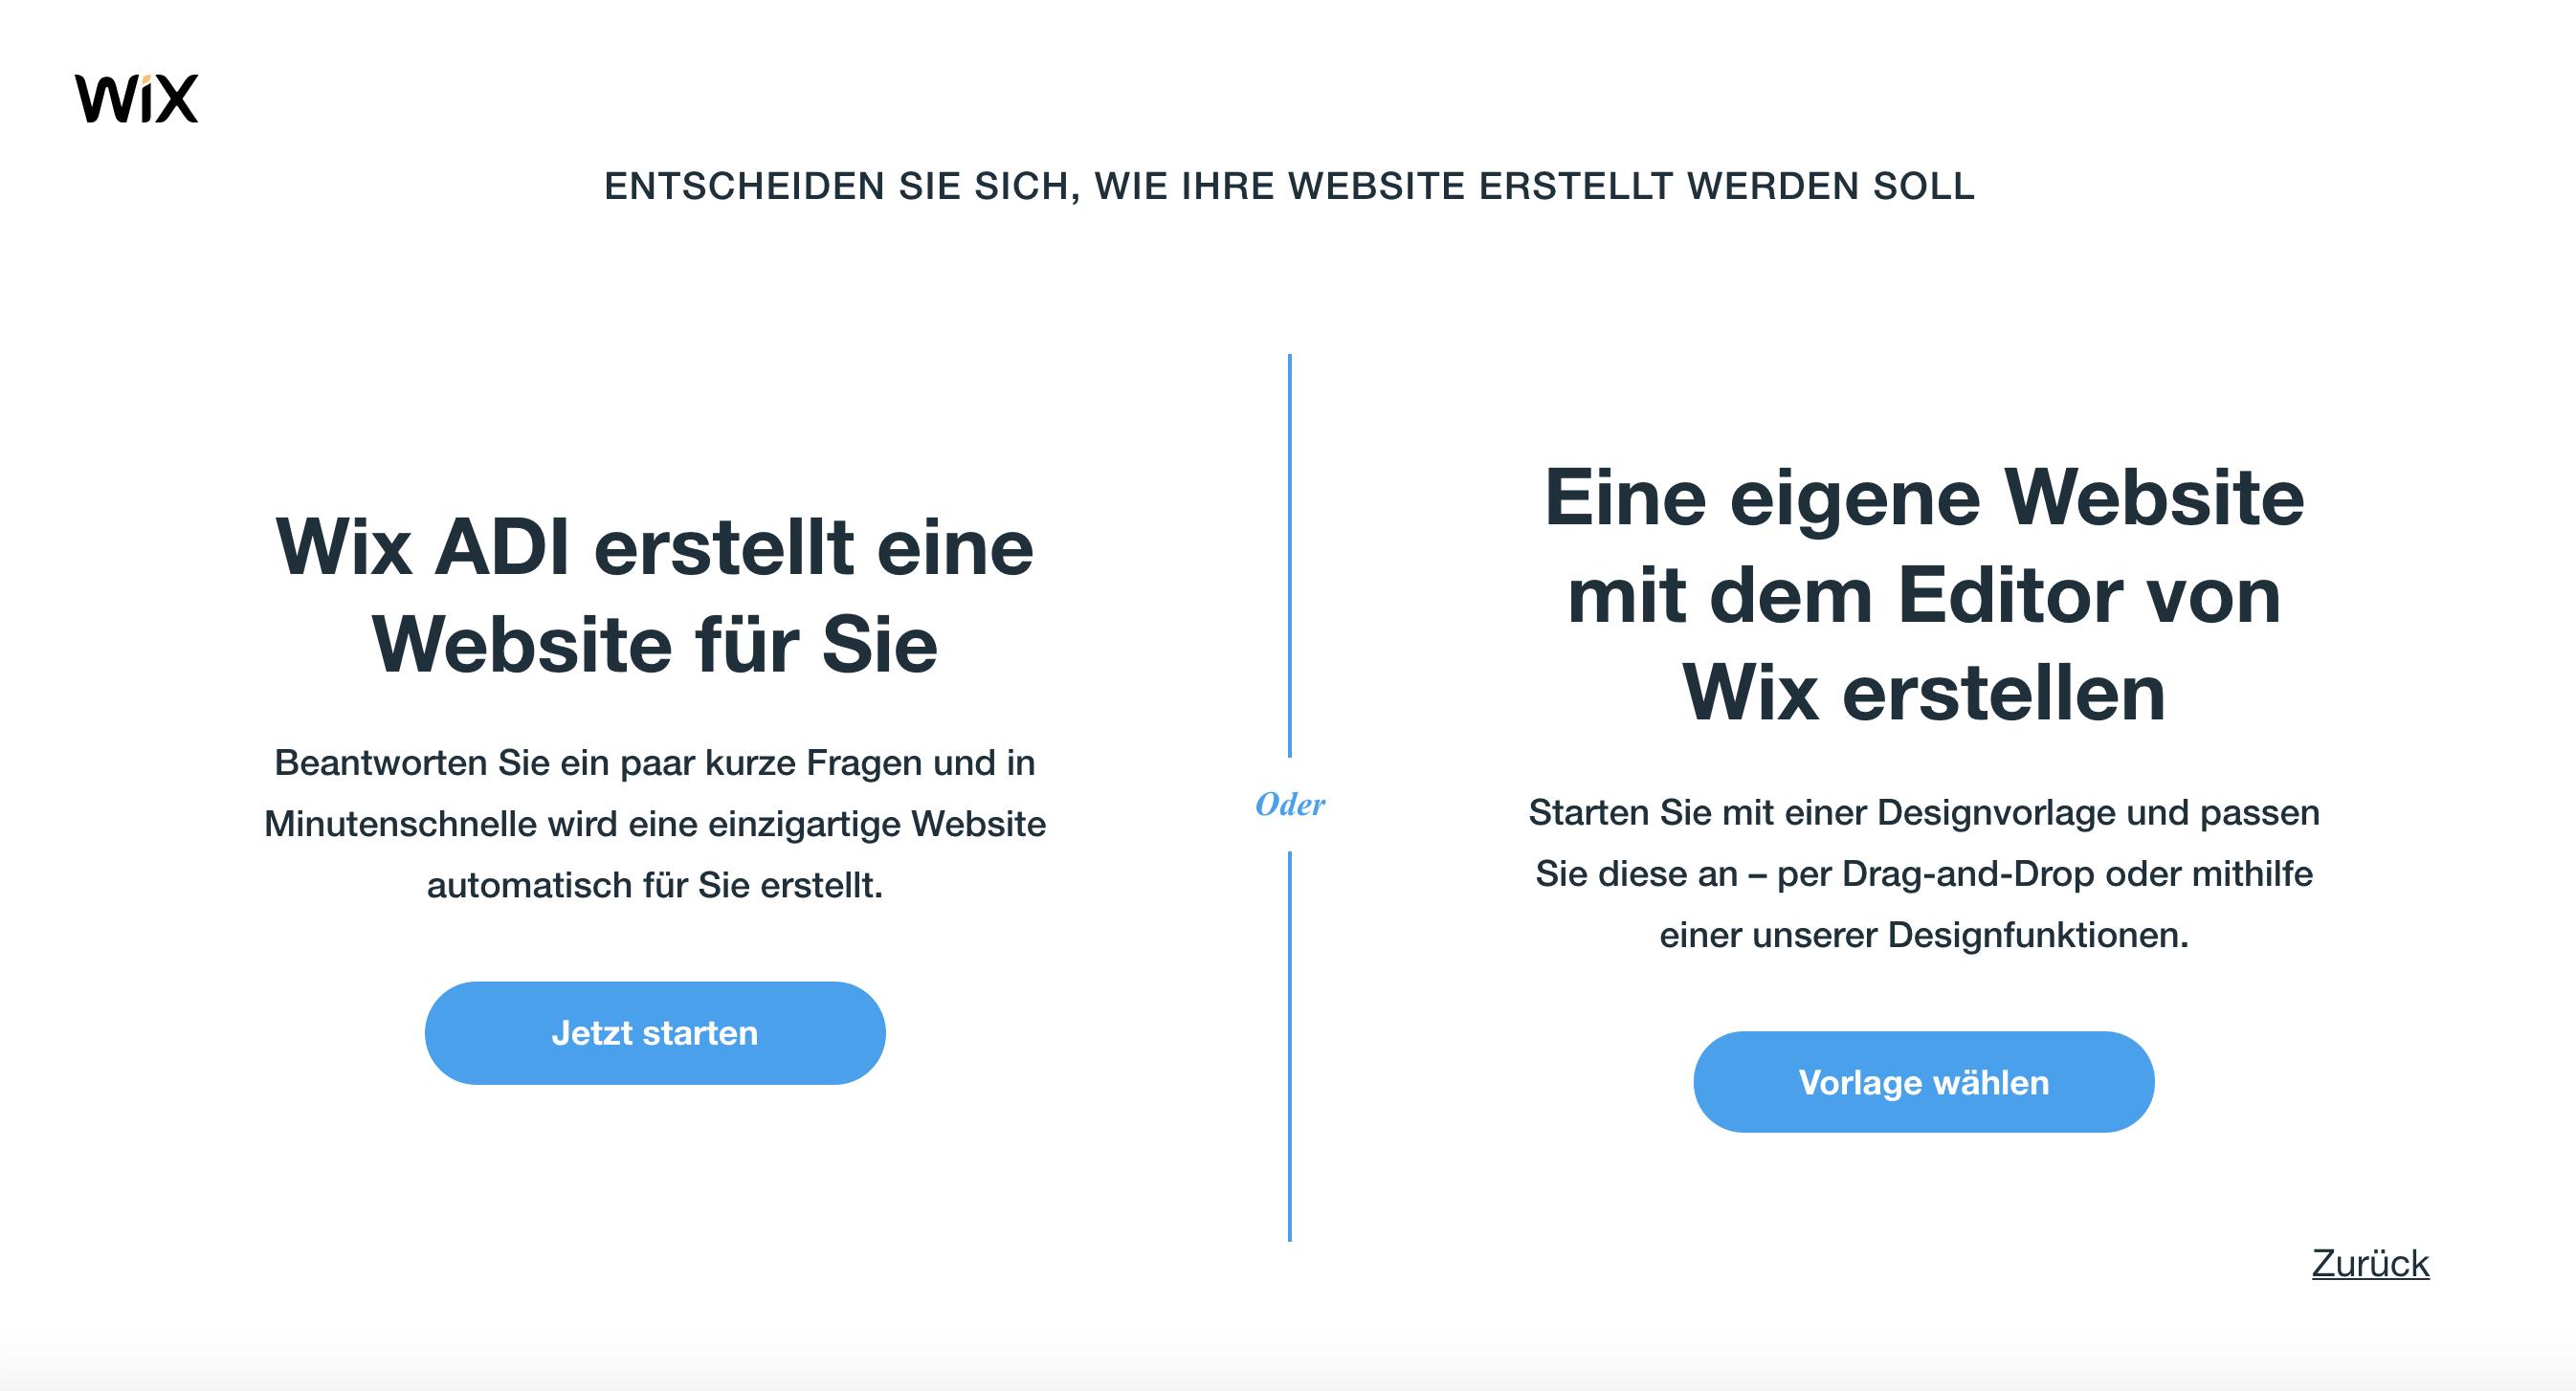 bd5cdfa7a3 Eigene Homepage erstellen (2019) ⇒ Der ultimative Guide für Anfänger